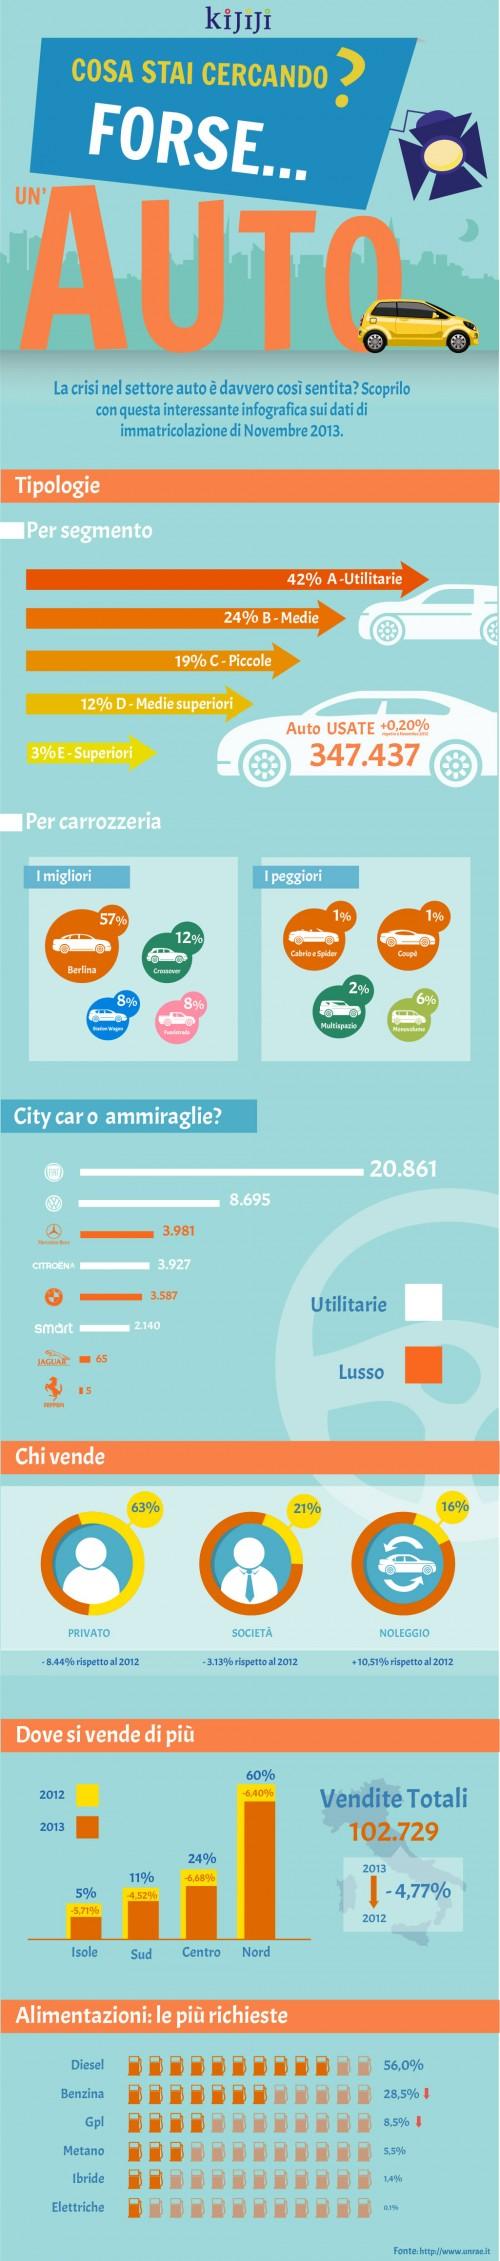 Kijiji-Infografica-motori